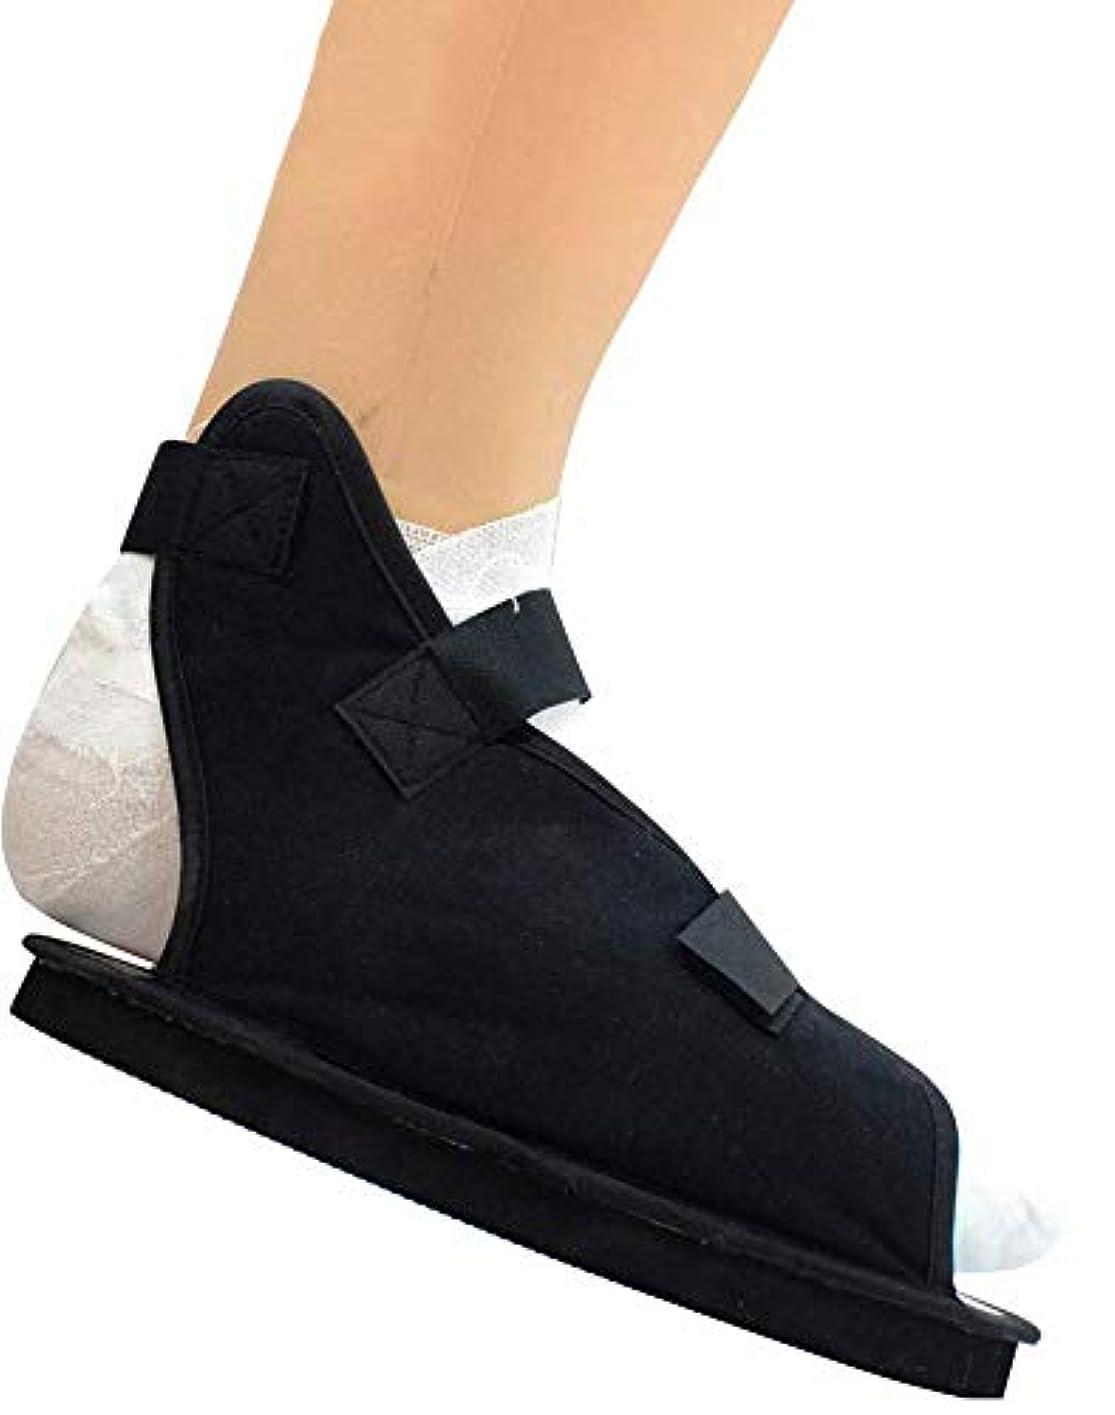 保持非難する親指骨折したつま先/足の骨折のための術後靴 - 男性と女性のための医療/外科用ウォーキングシューズキャストブーツ - /調整可能ストラップ付き整形外科サンダル,XL